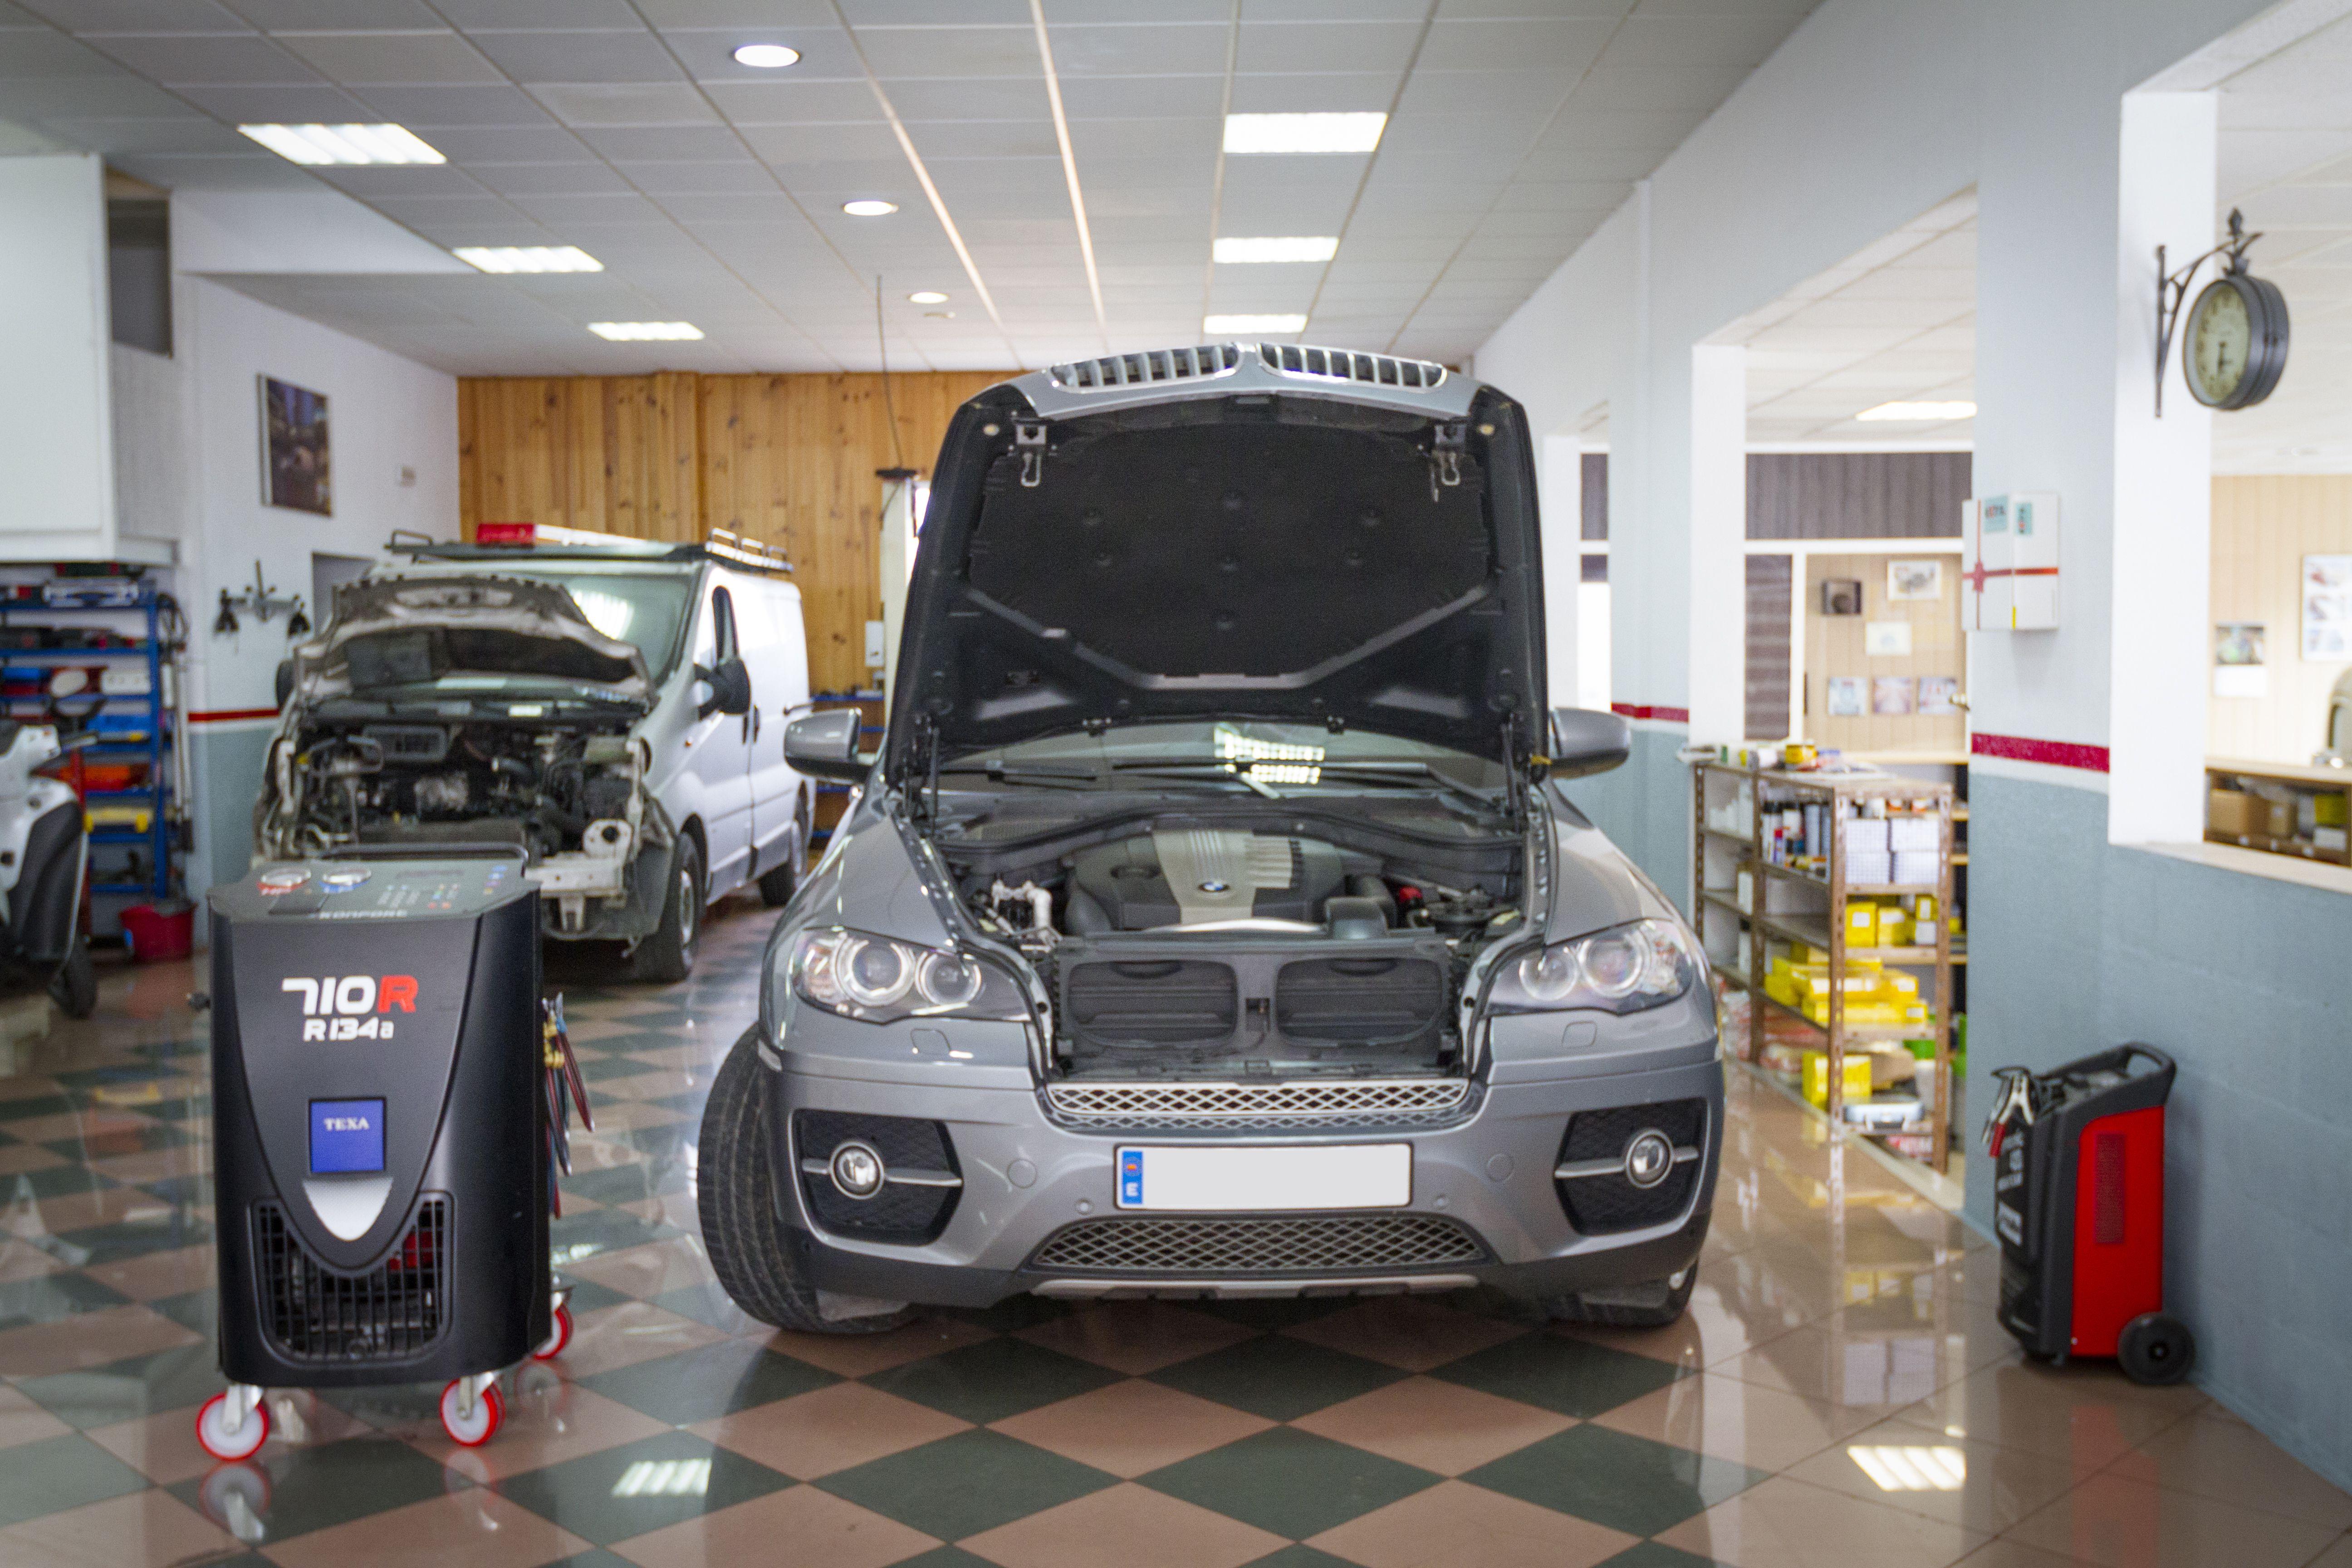 Foto 3 de Taller de automóviles en Rincón de la Victoria | Talleres Jimena - Servicio Multimarca S.L.